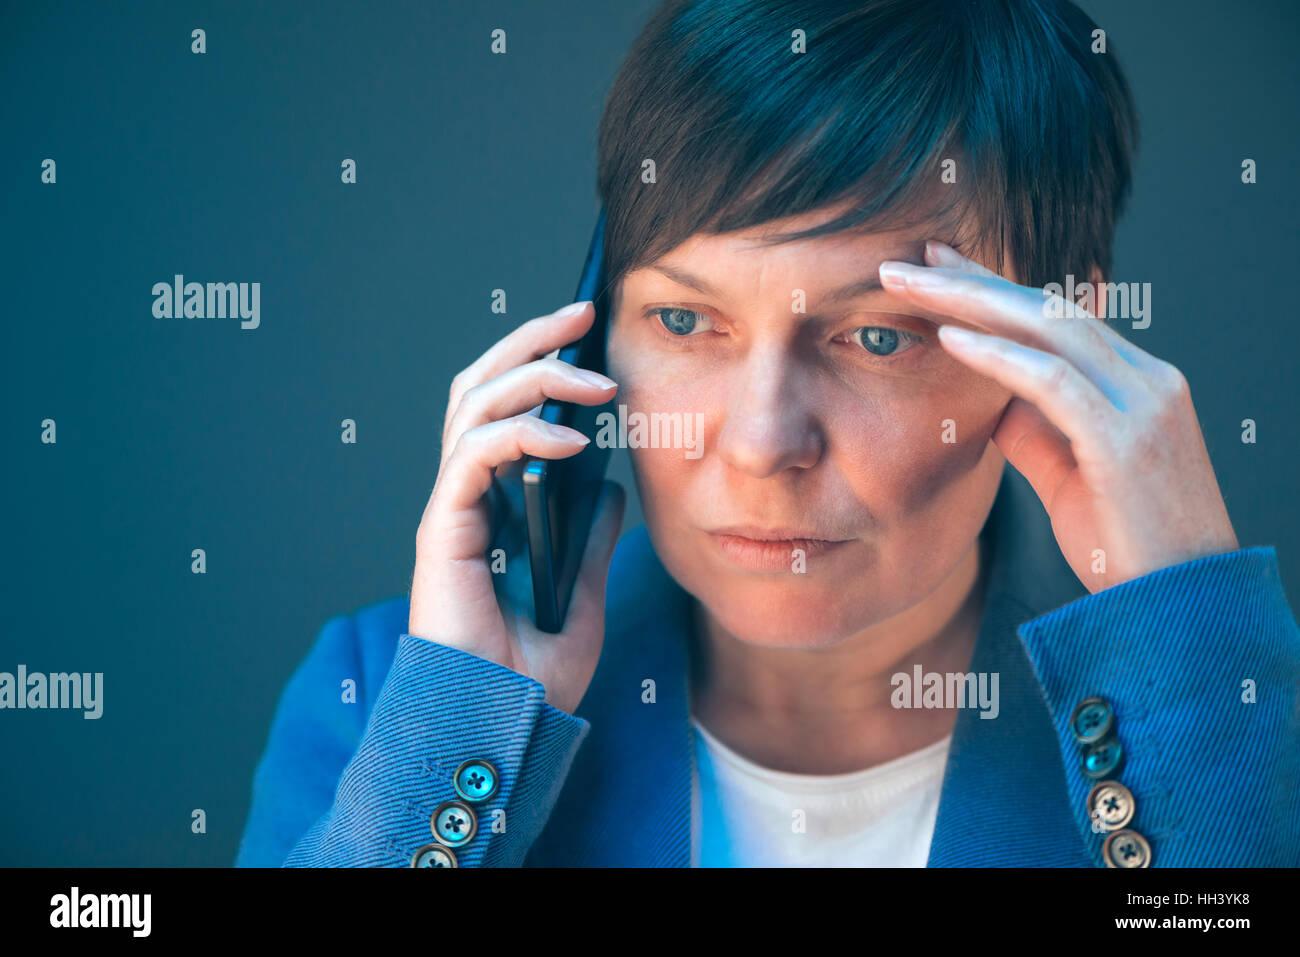 Femme d'inquiets nerveux lors d'un entretien téléphonique avec un désagréable téléphone Photo Stock